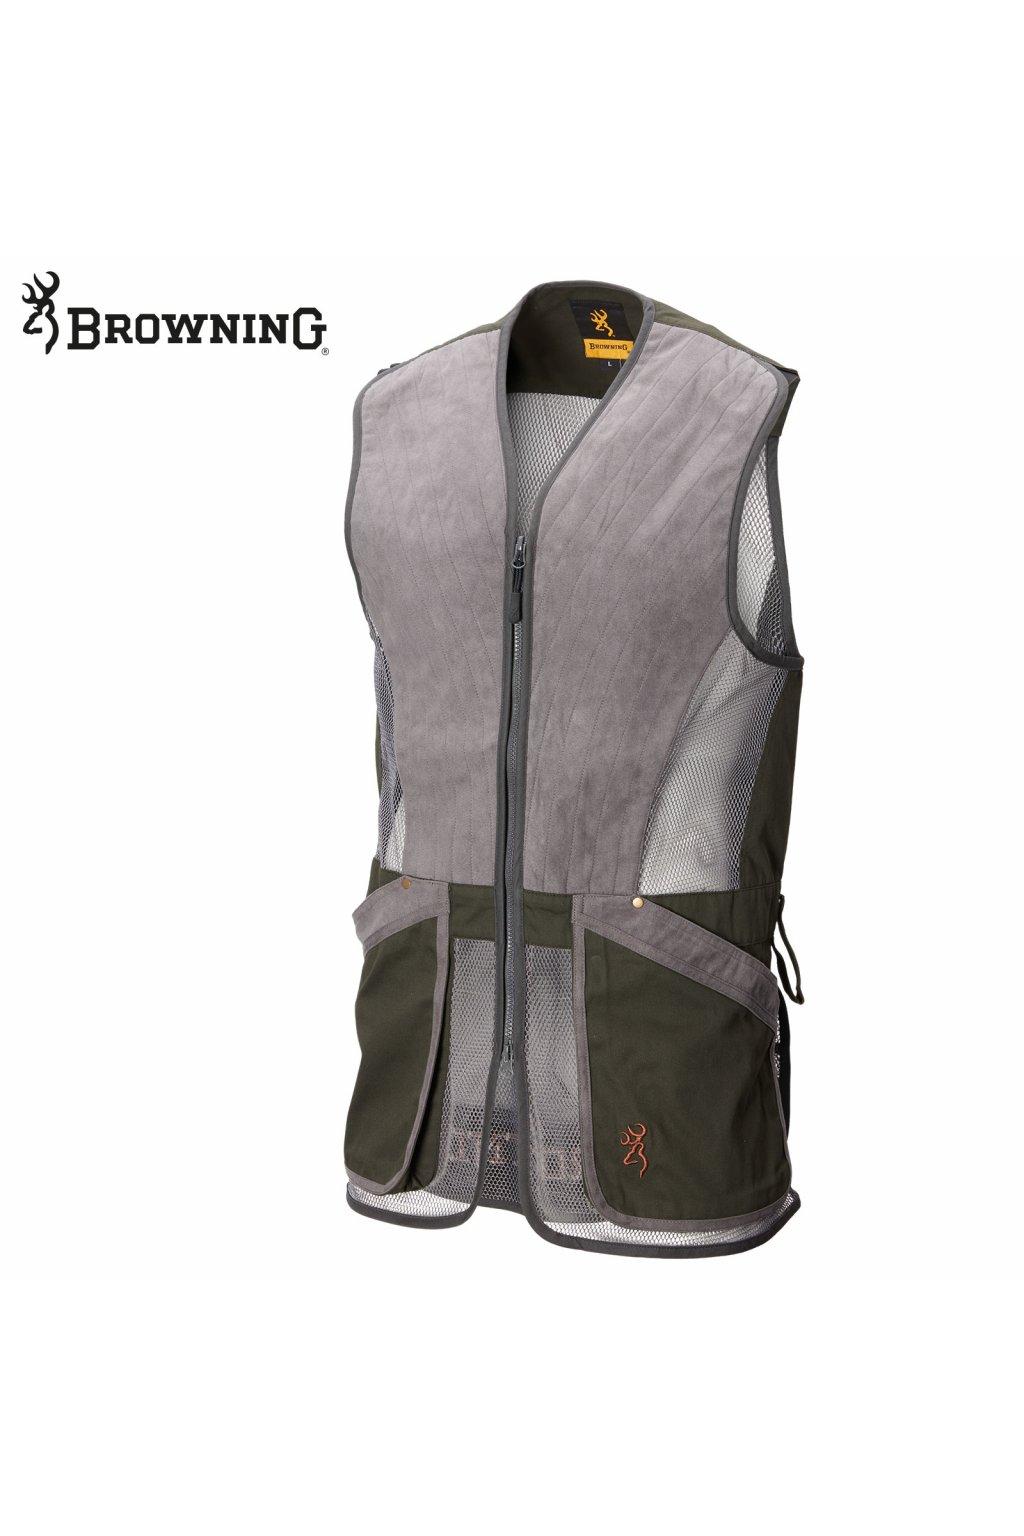 Browning vesta střelecká  Pro Sport šedo zelená